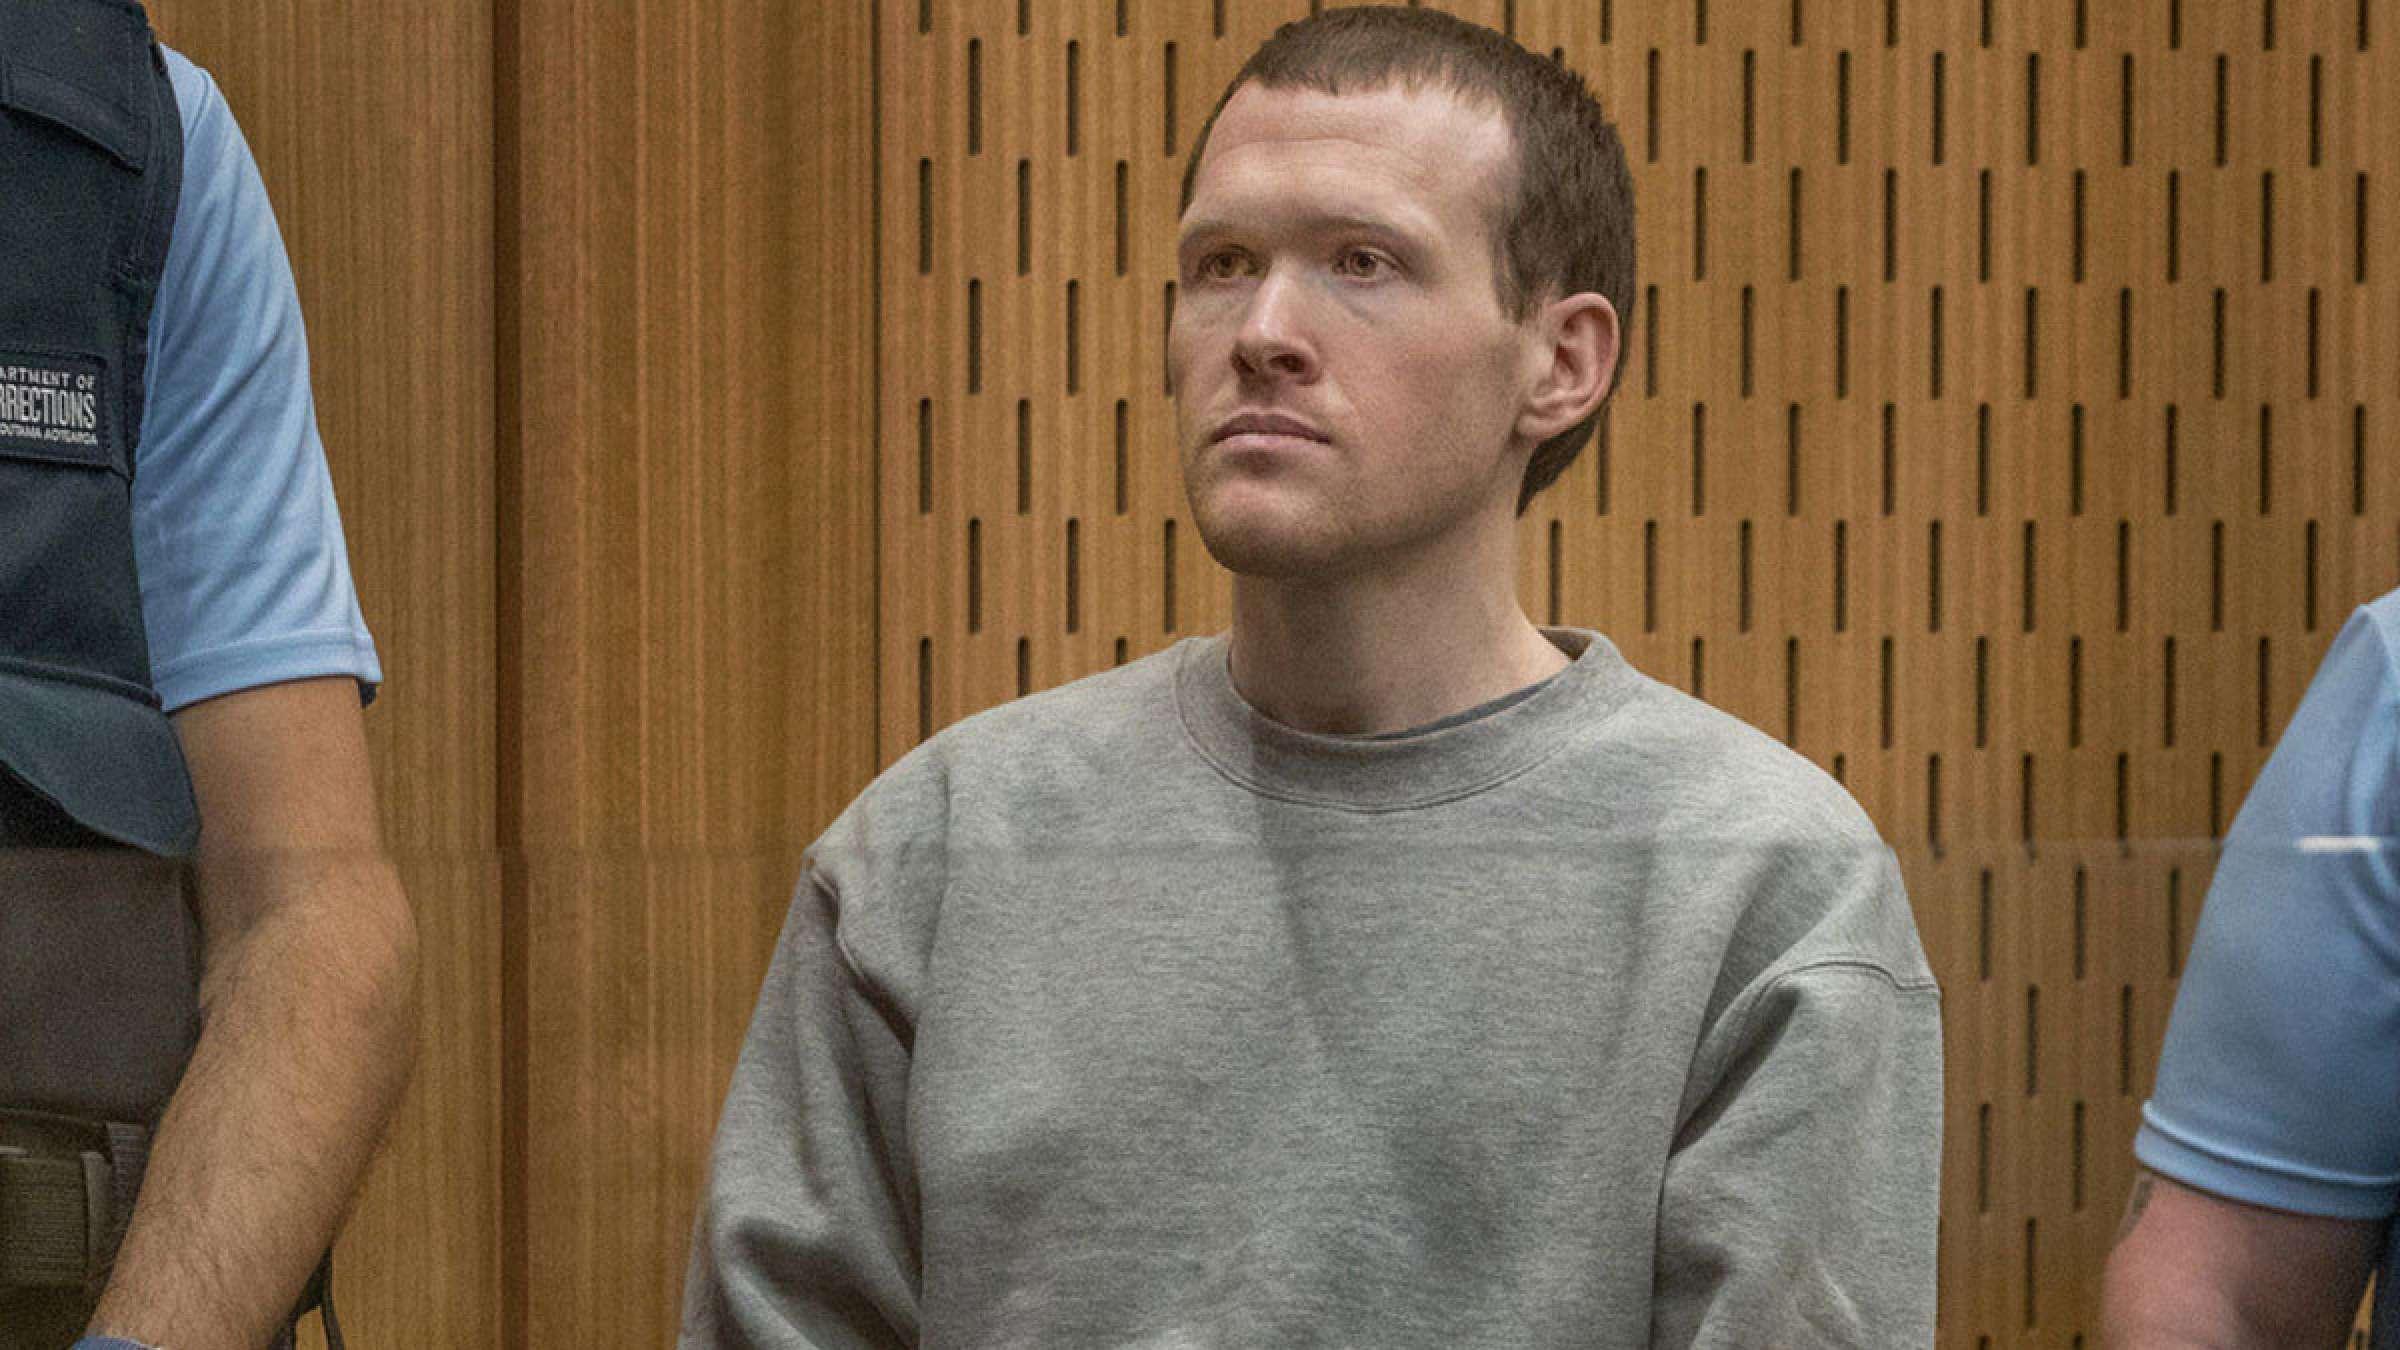 اخبار-جهان-حکم-تروریست-نیوزیلندی-برای-قتل-عام-در-مساجد-زندان-ابد-بدون-عفو